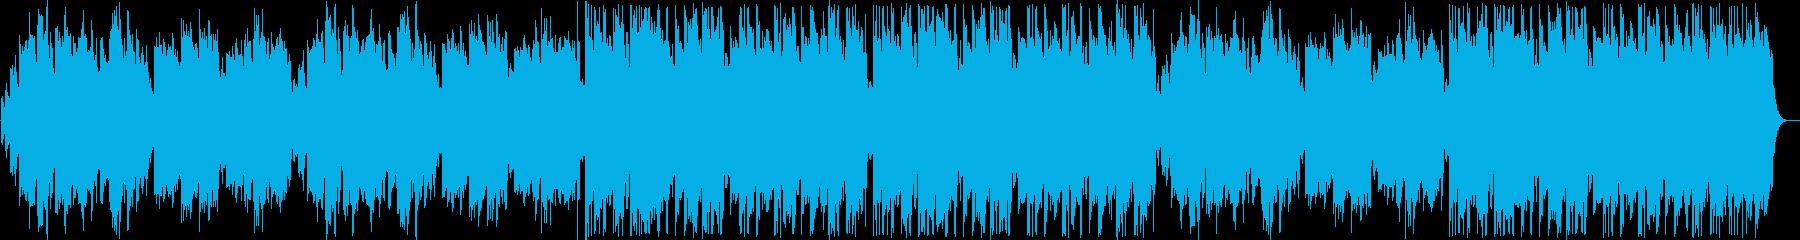 切ないシンセ・オルゴール系サウンドの再生済みの波形